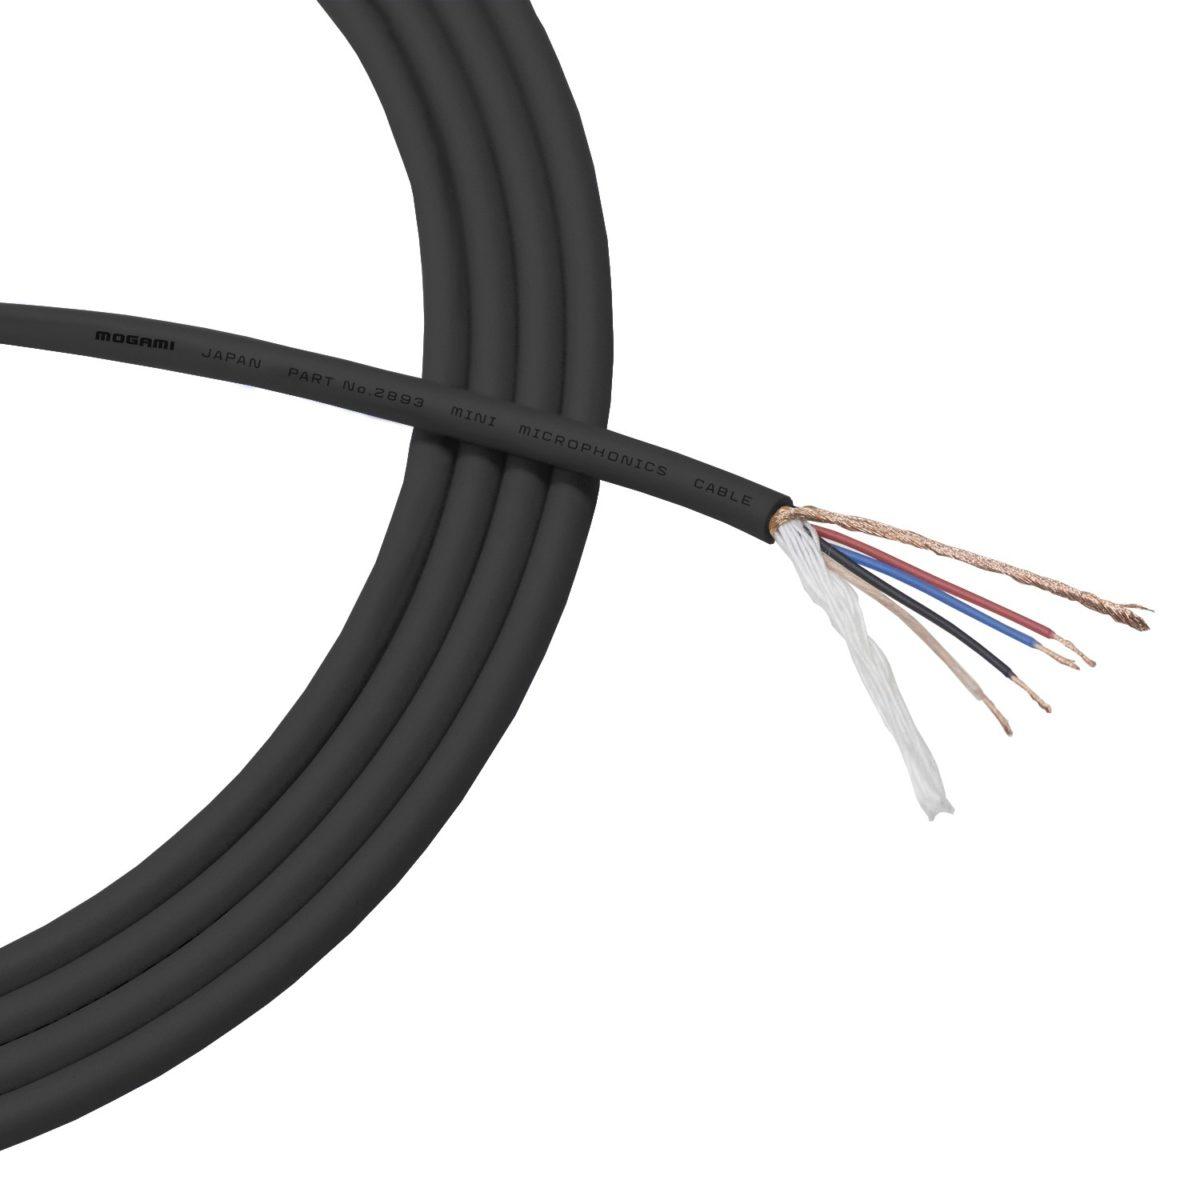 MOGAMI 2893 Quad Cable สายสัญญาณสำเร็จรูป (ราคาต่อ 1 เมตร)